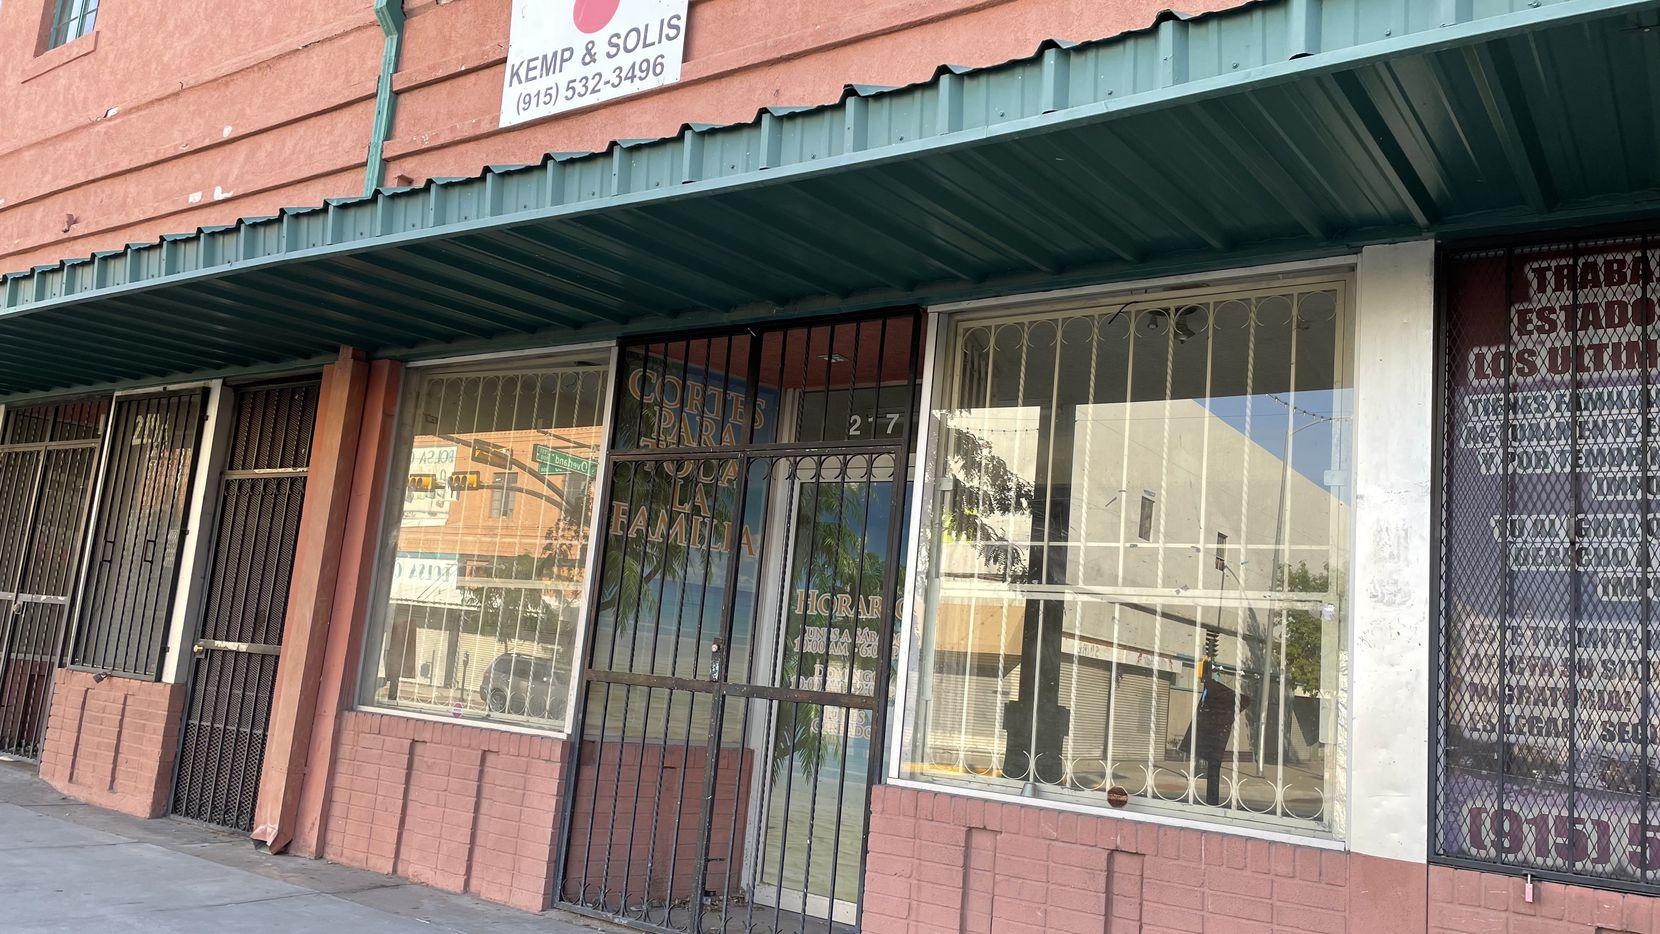 Fachada de un negocio de corte de cabello que dejó de operar en la Calle El Paso, en el distrito comercial del centro de El Paso, cerró durante la pandemia ante la baja de clientes que cruzan desde Ciudad Juárez, México.